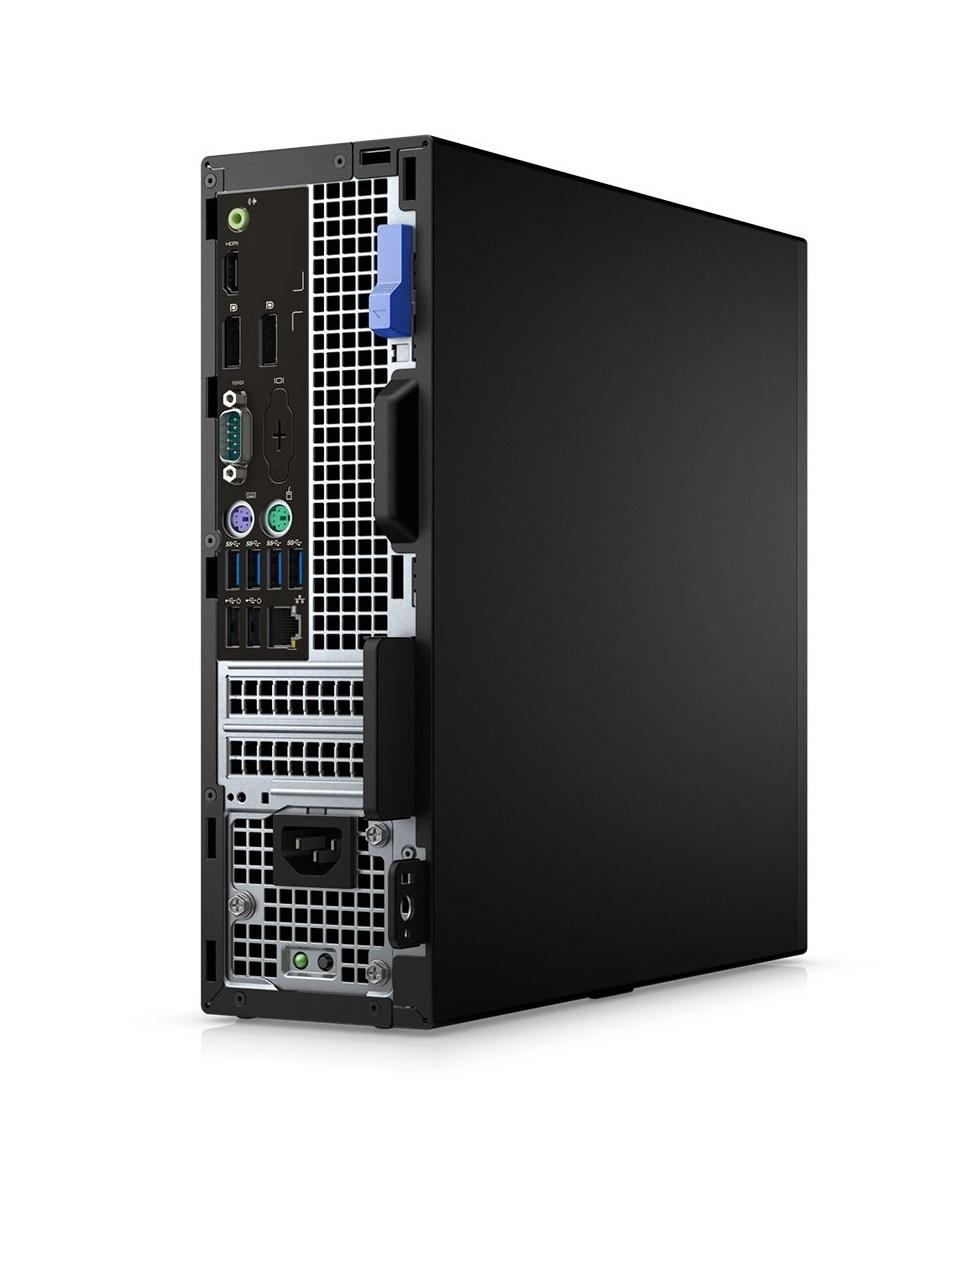 dell optiplex 7040 drivers windows 10 32 bit